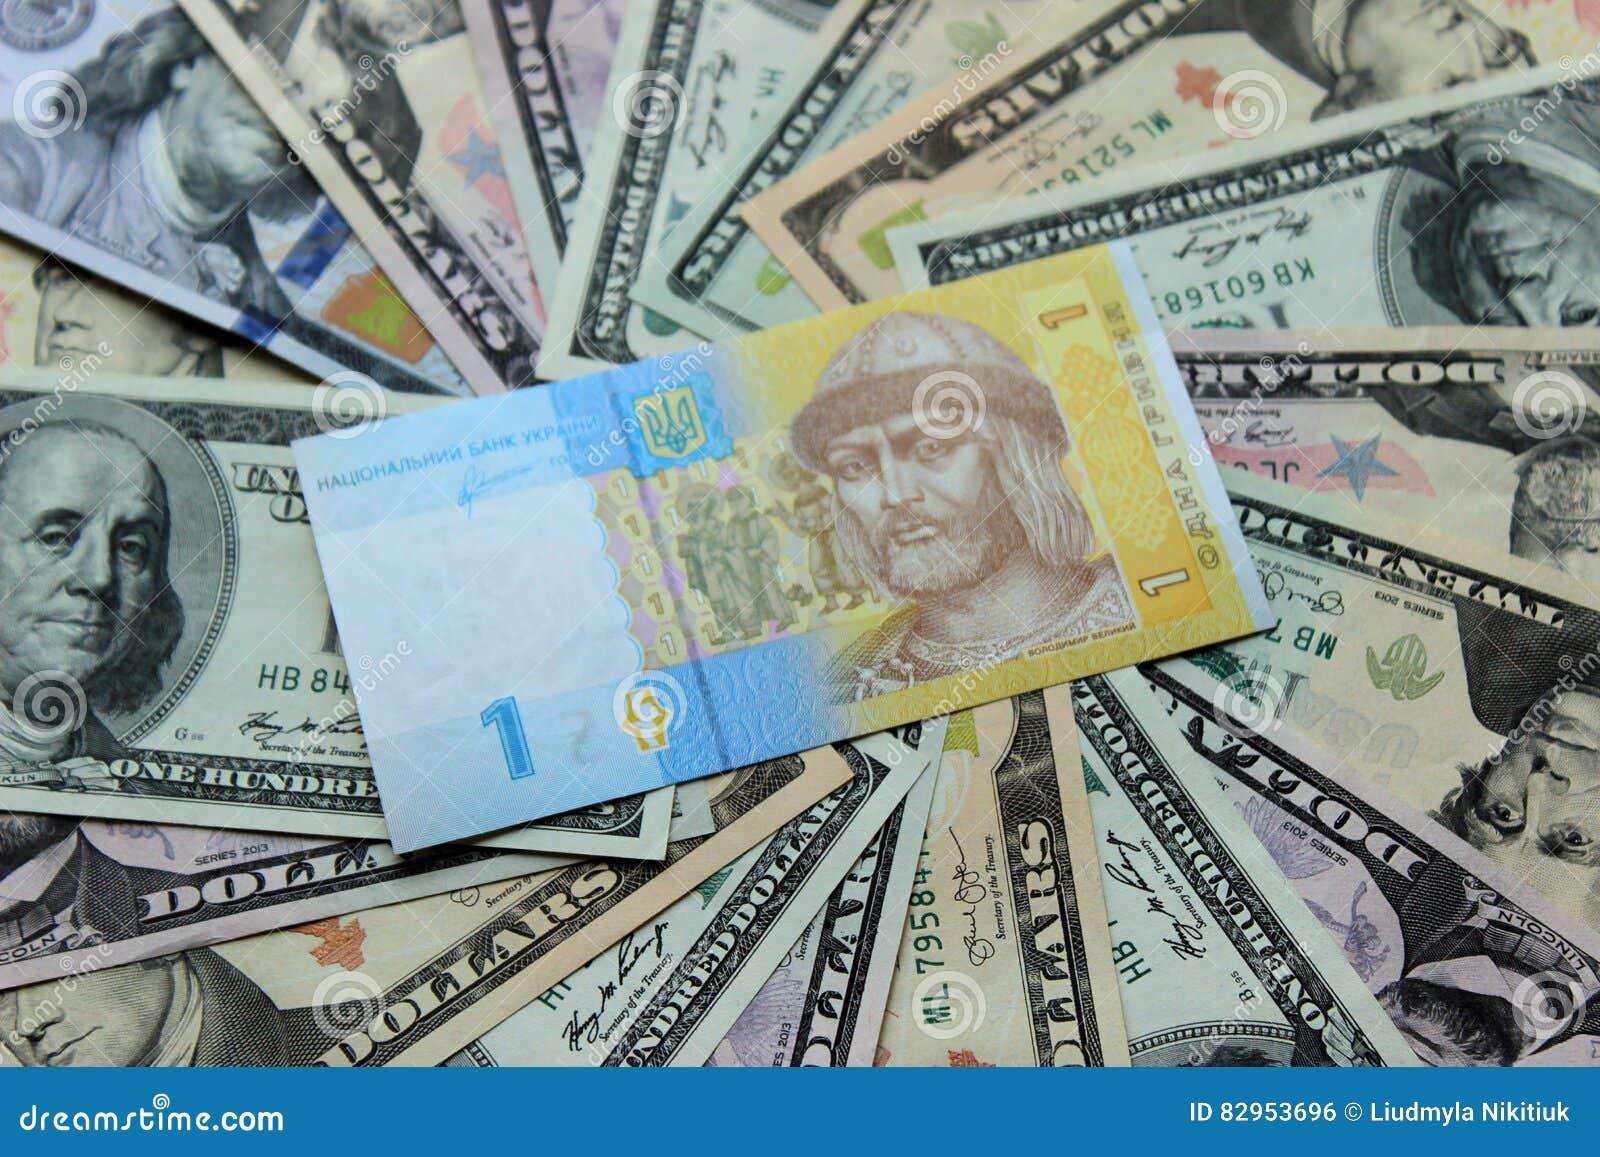 乌克兰hryvnia和美金 5000块背景票据货币模式卢布